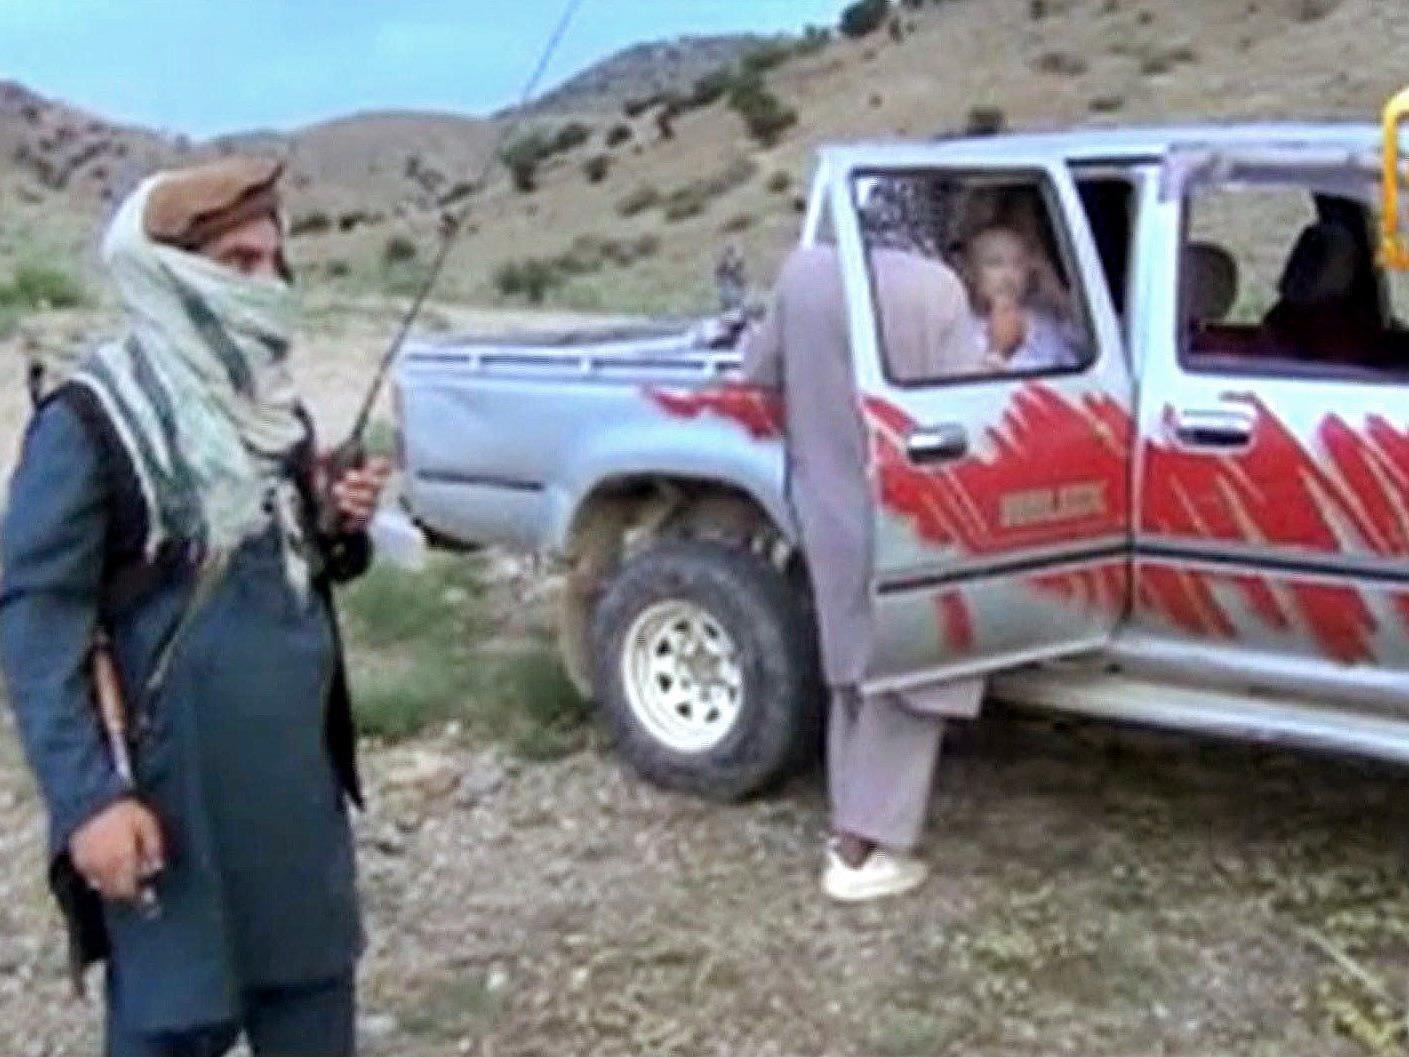 Bergdahl war am Samstag in der Provinz Chost übergeben worden. Im Gegenzug ließen die USA fünf Taliban-Funktionäre frei.